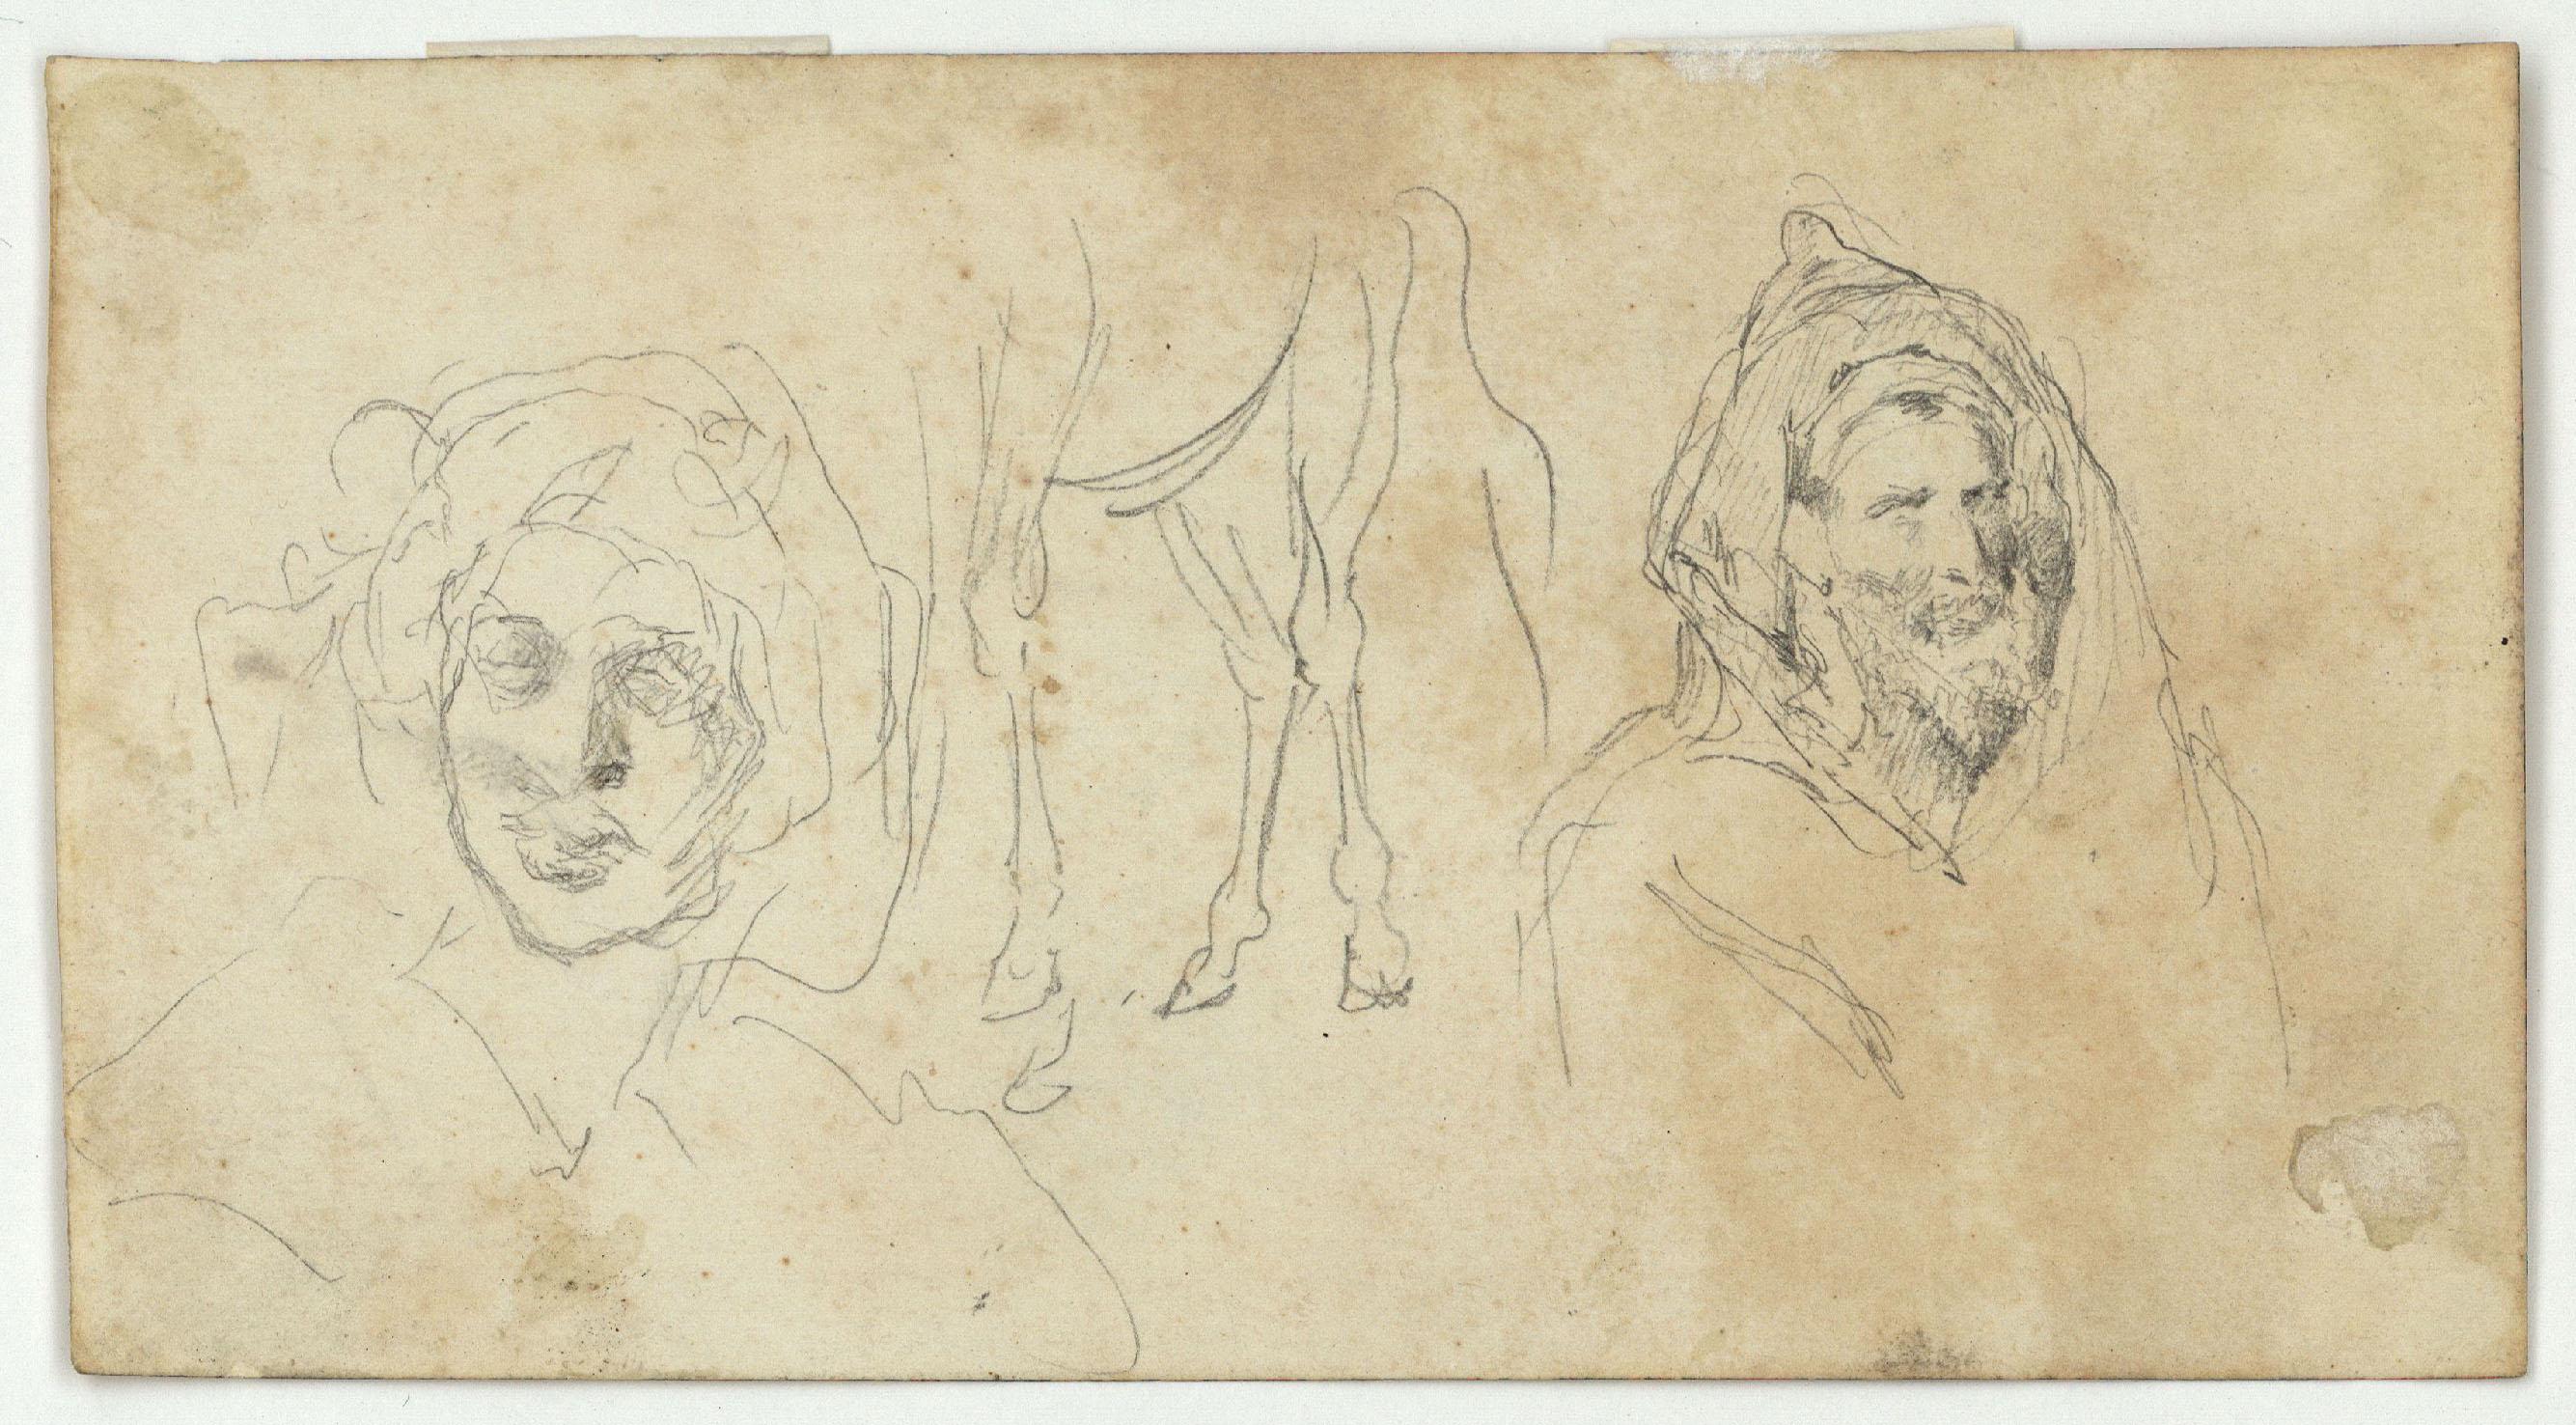 Marià Fortuny - Marroquins (anvers) / Caps de marroquins i potes de cavall (revers) - Cap a 1860-1862 [1]